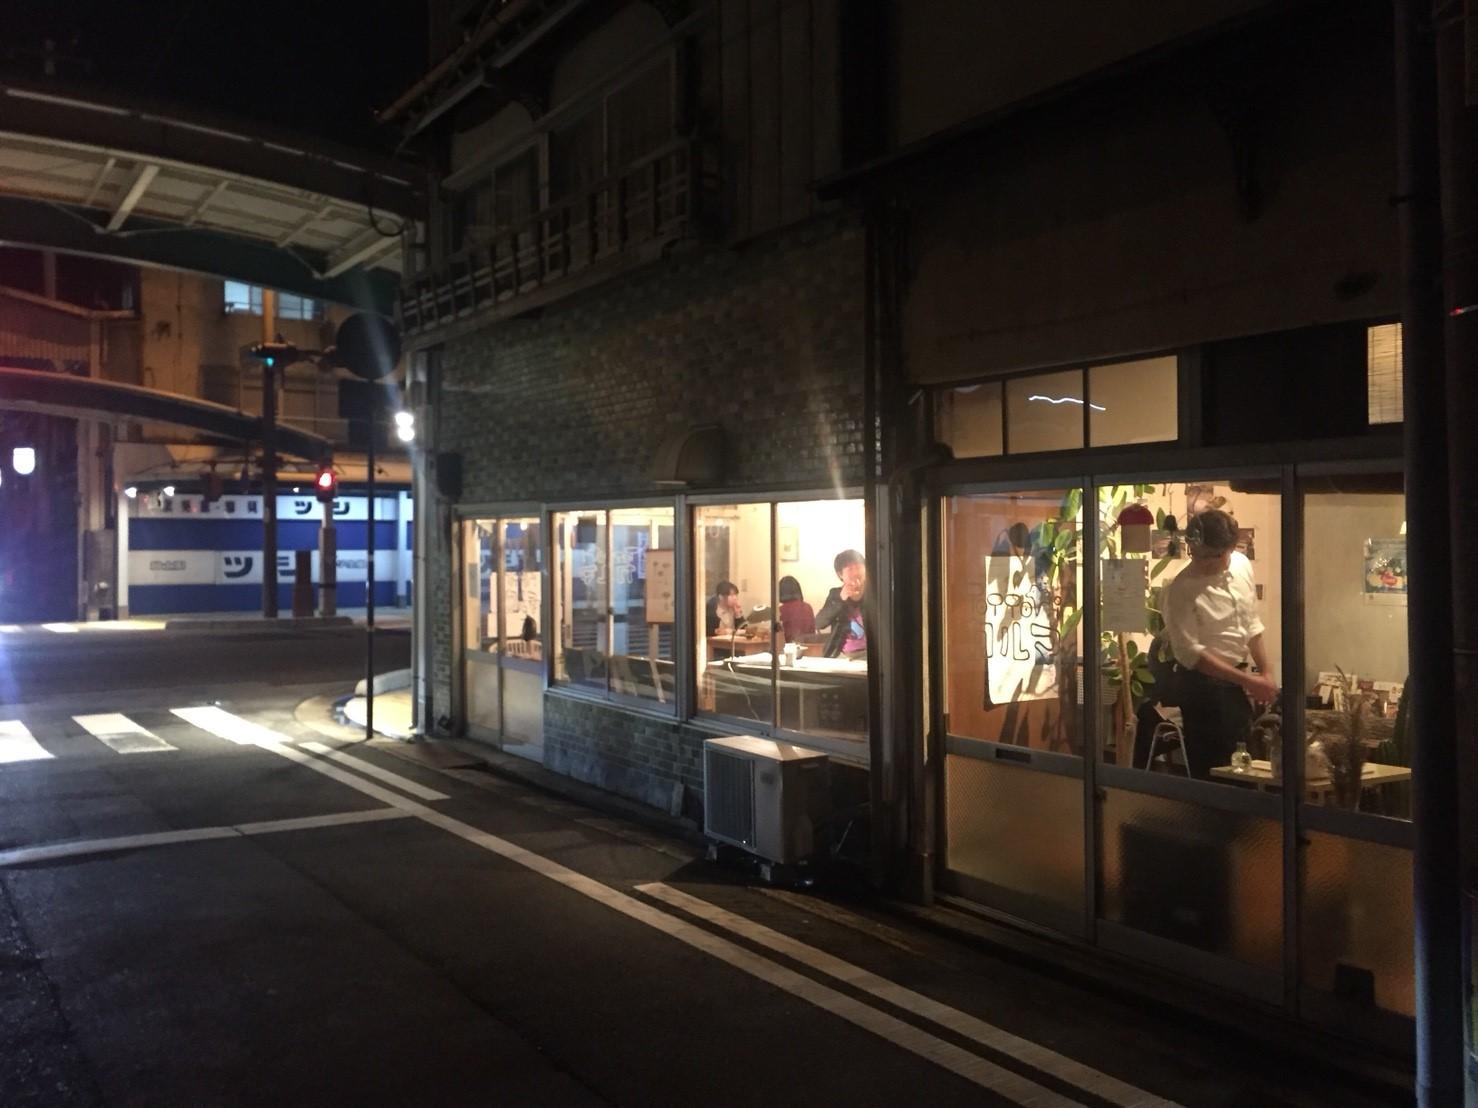 Tottoriカルマ   まっしゅROOM_e0115904_17222749.jpg